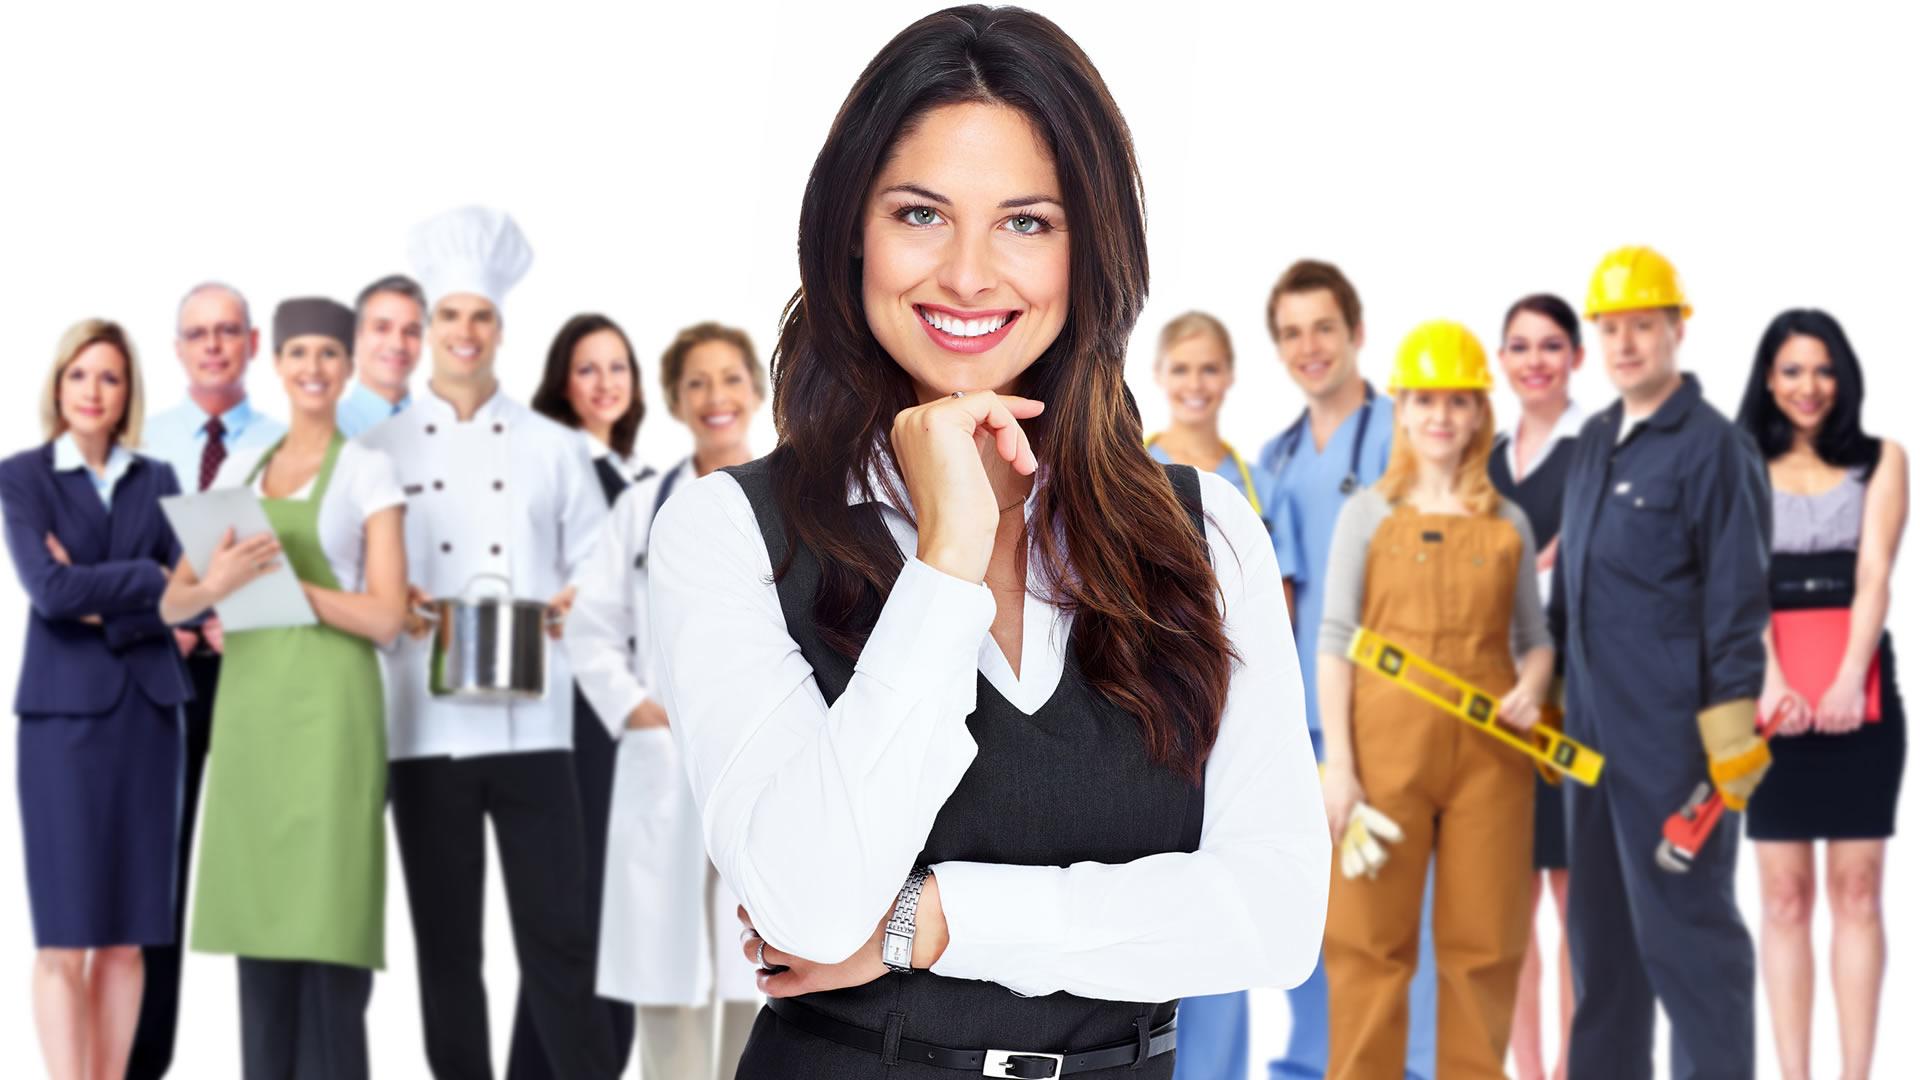 работа молодежь_staffcity.com.ua_